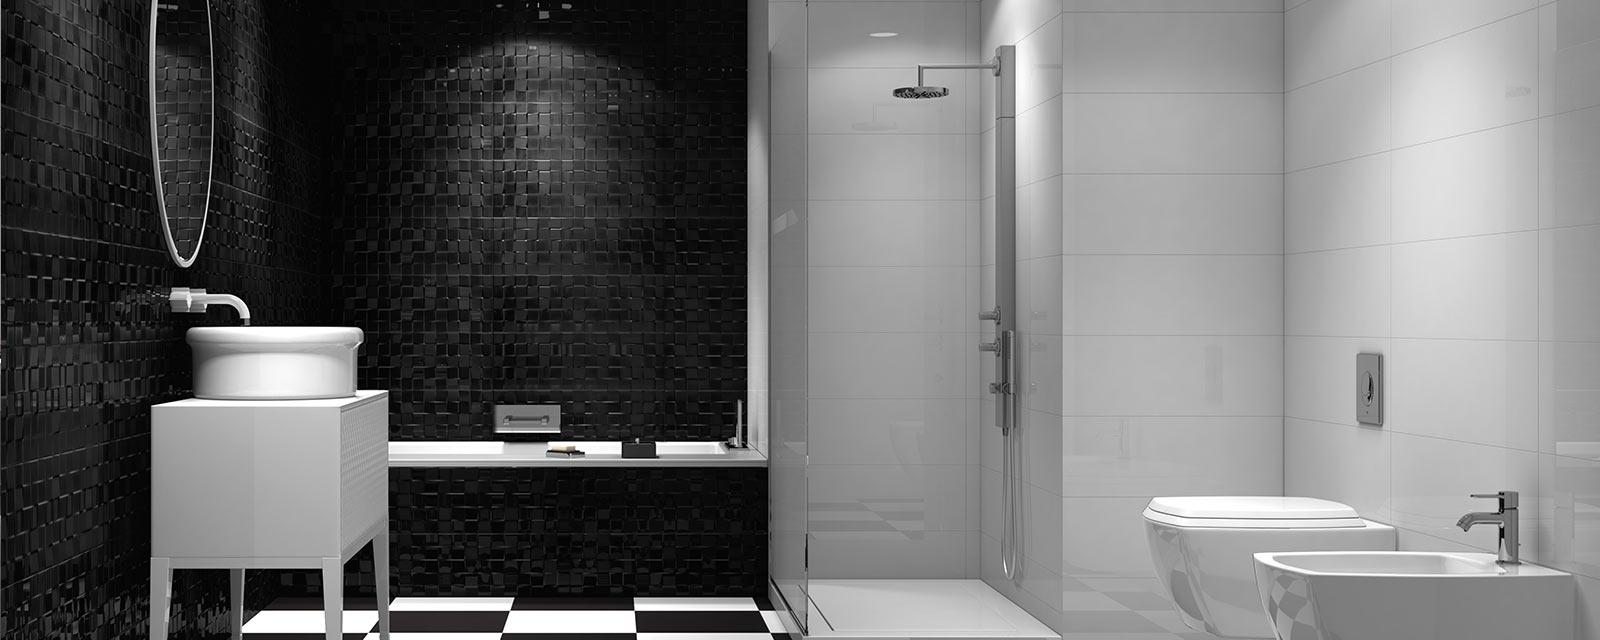 Carrelage Effet Beton Cuisine des types de carrelages modernes pour la salle de bains